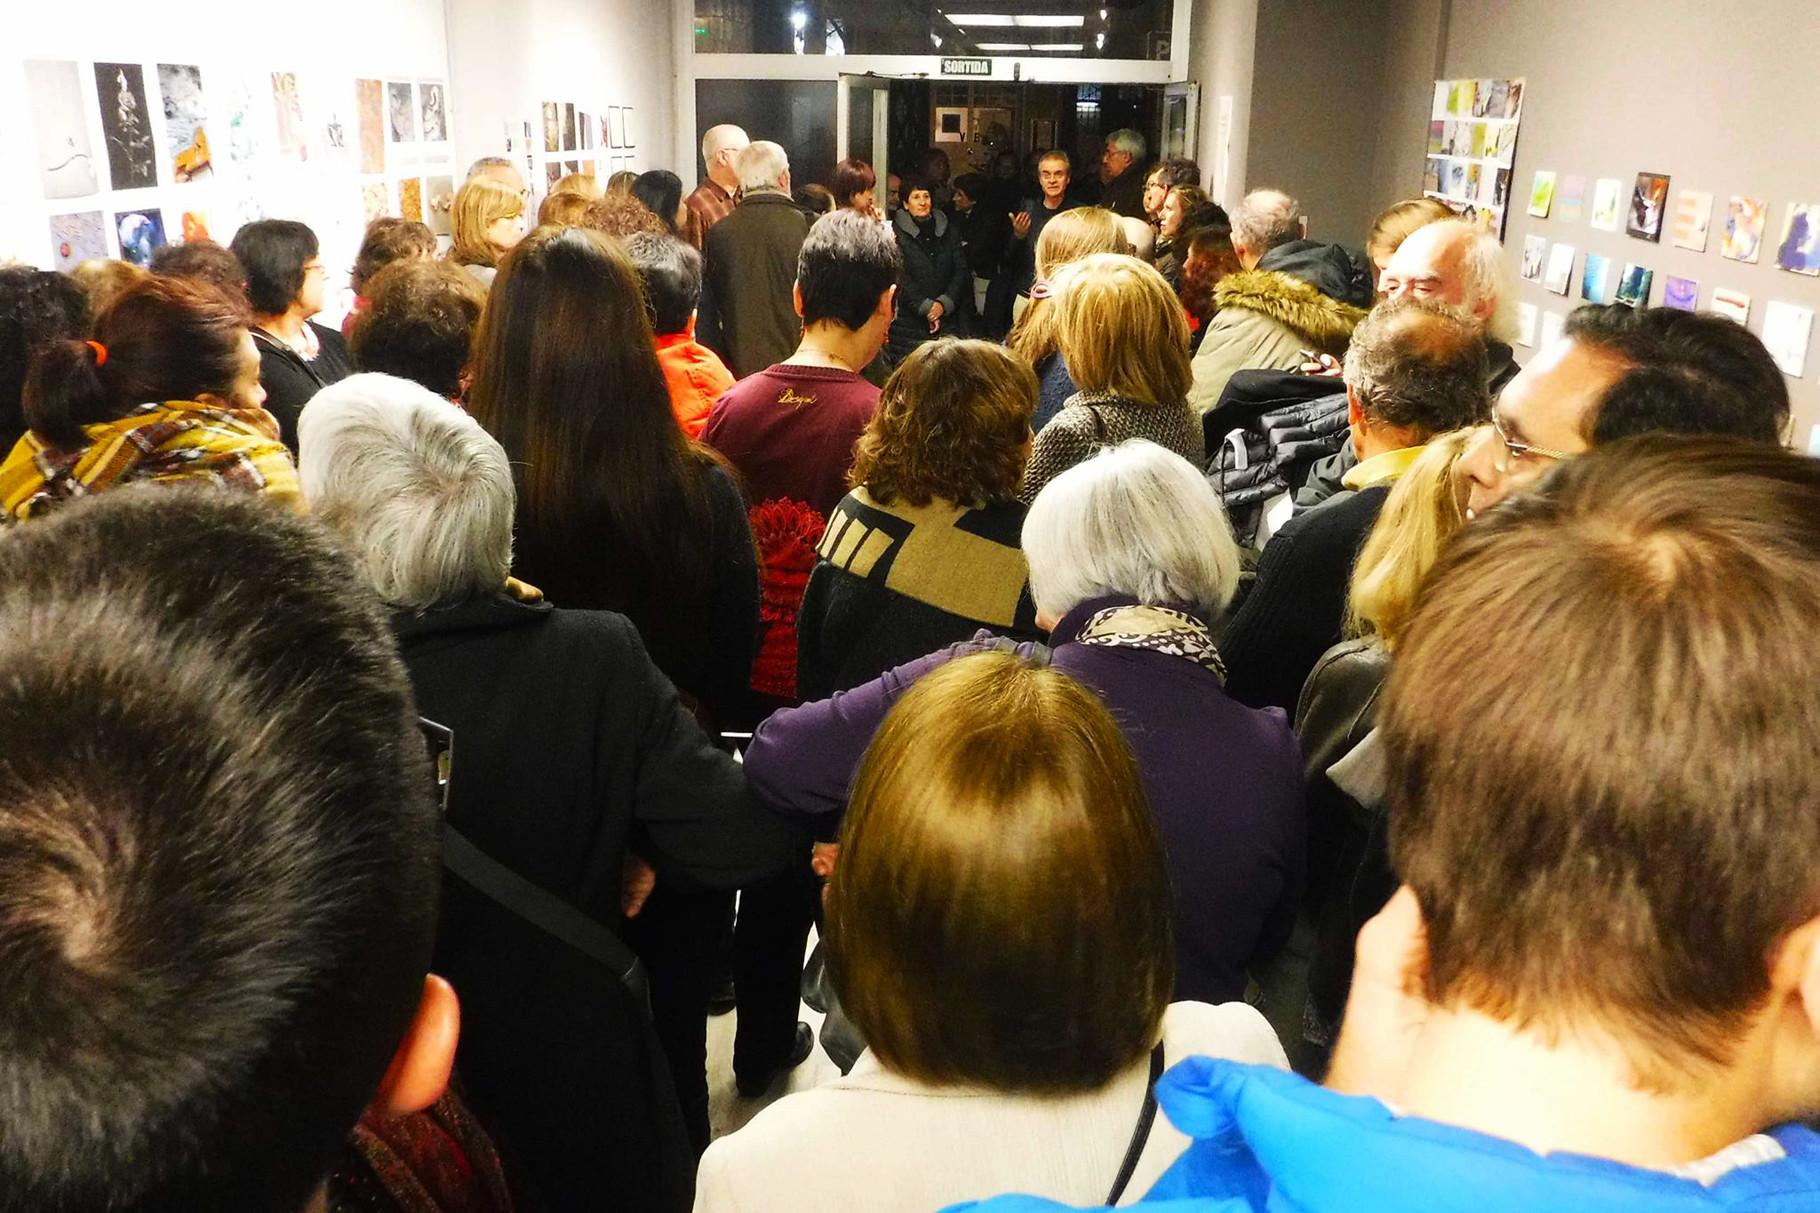 Pere Bruix, artista y curador, inaugurando la exposición.